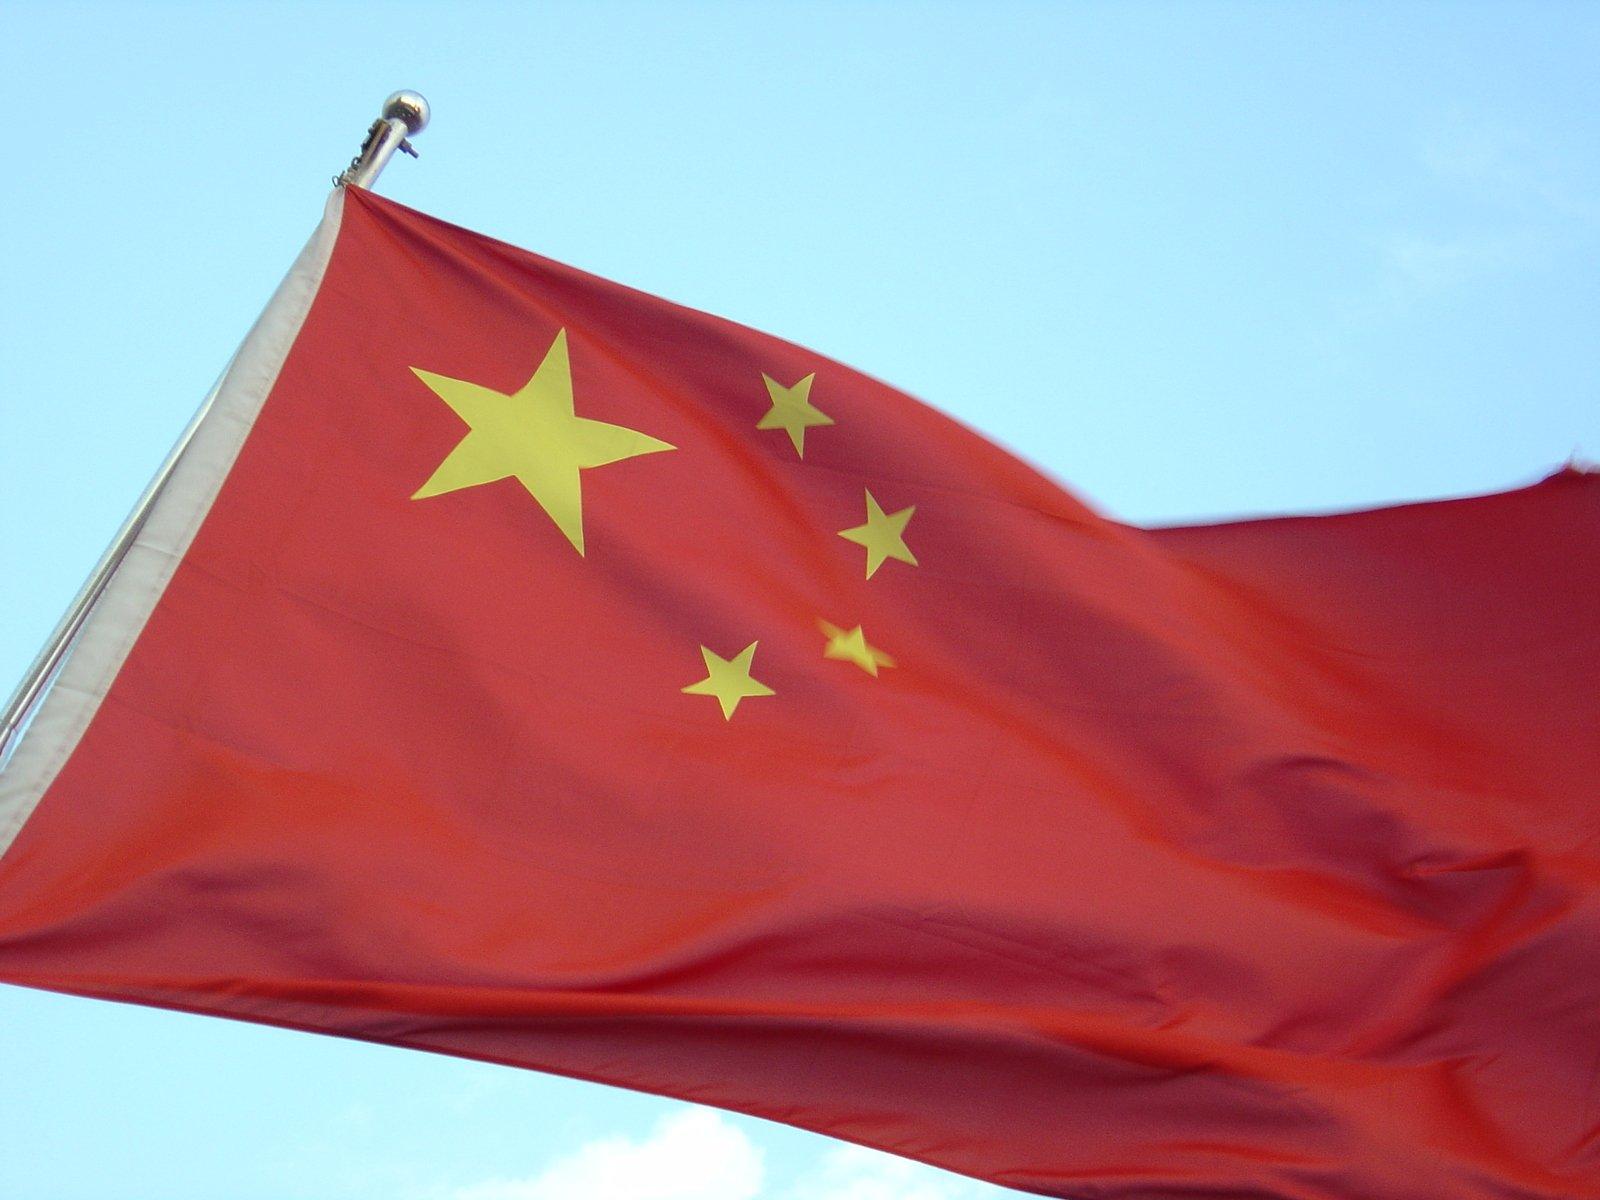 Investigación científica, servicios de agricultura y asuntos gubernamentales entre los principales escenarios de aplicación para la tecnología blockchain en China